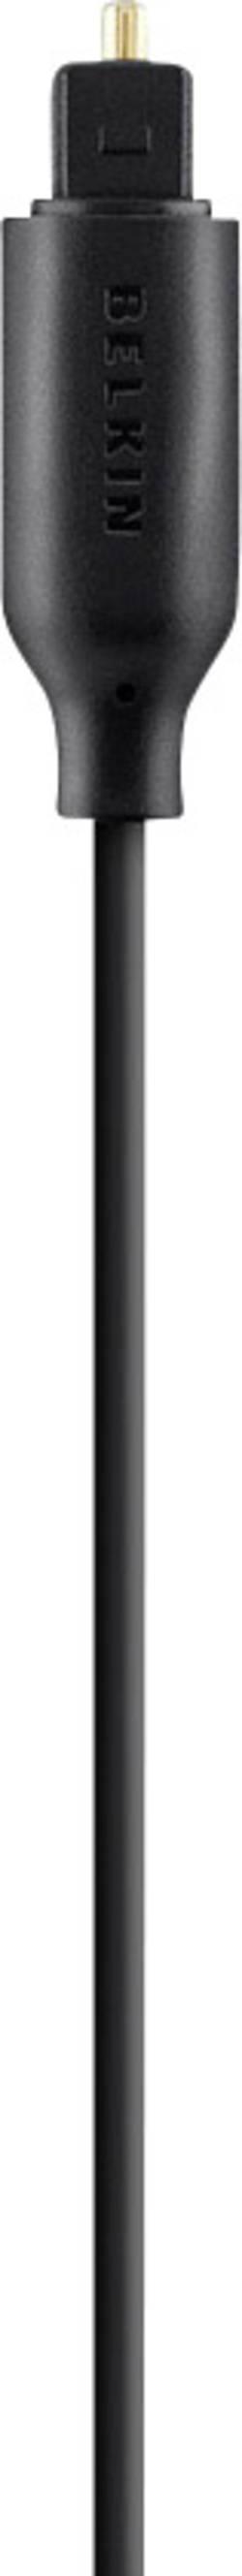 Image of Belkin Toslink Digital-Audio Anschlusskabel [1x Toslink-Stecker (ODT) - 1x Toslink-Stecker (ODT)] 1 m Schwarz